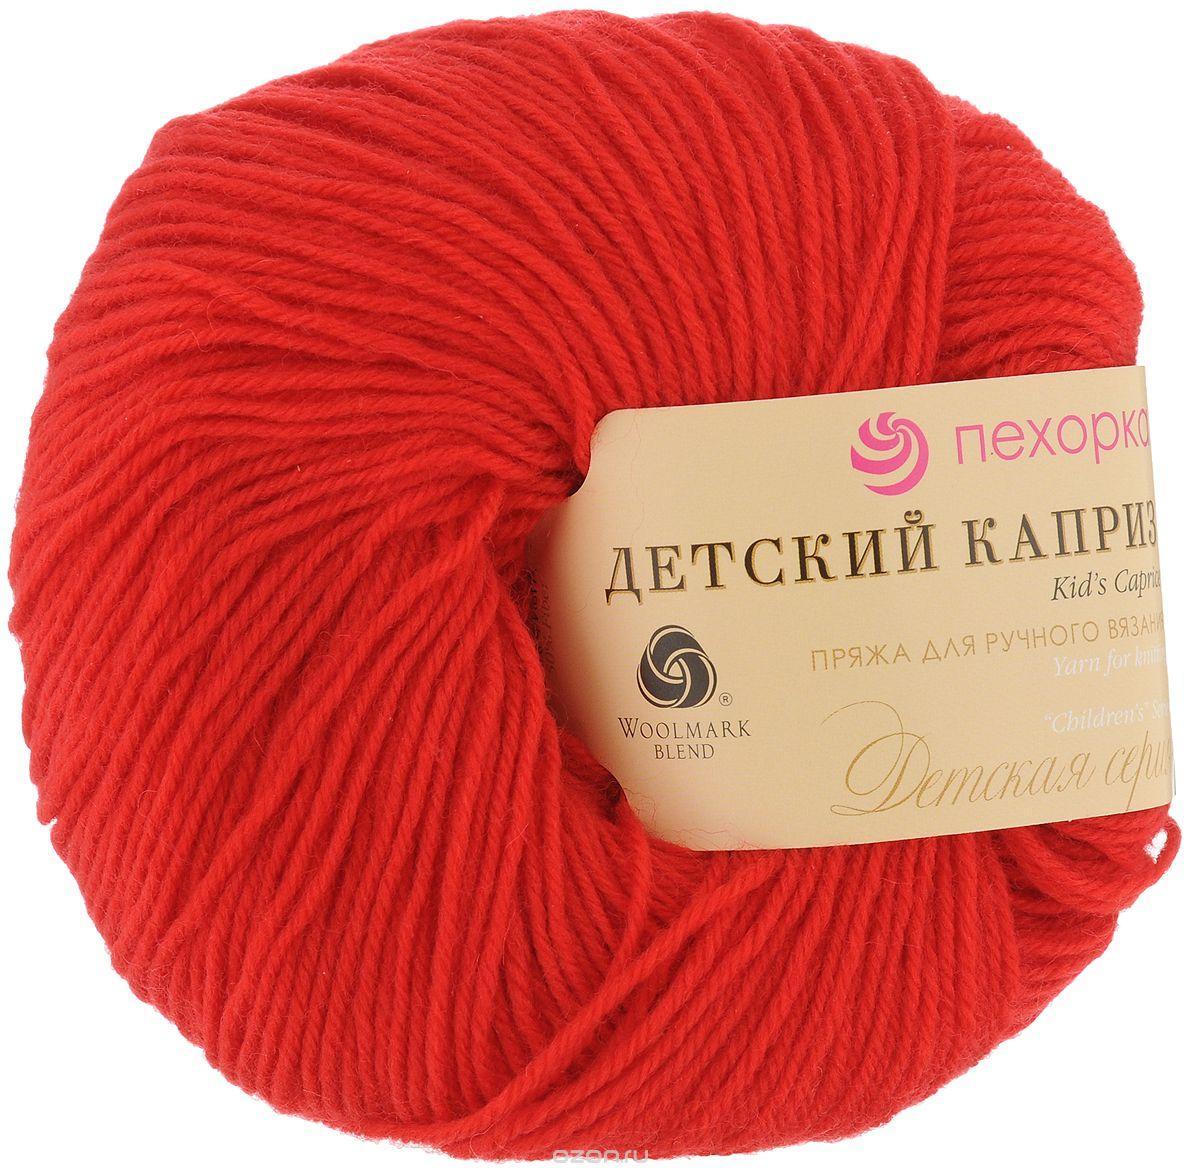 нитки для ручного вязания пряжа детский каприз красный мак